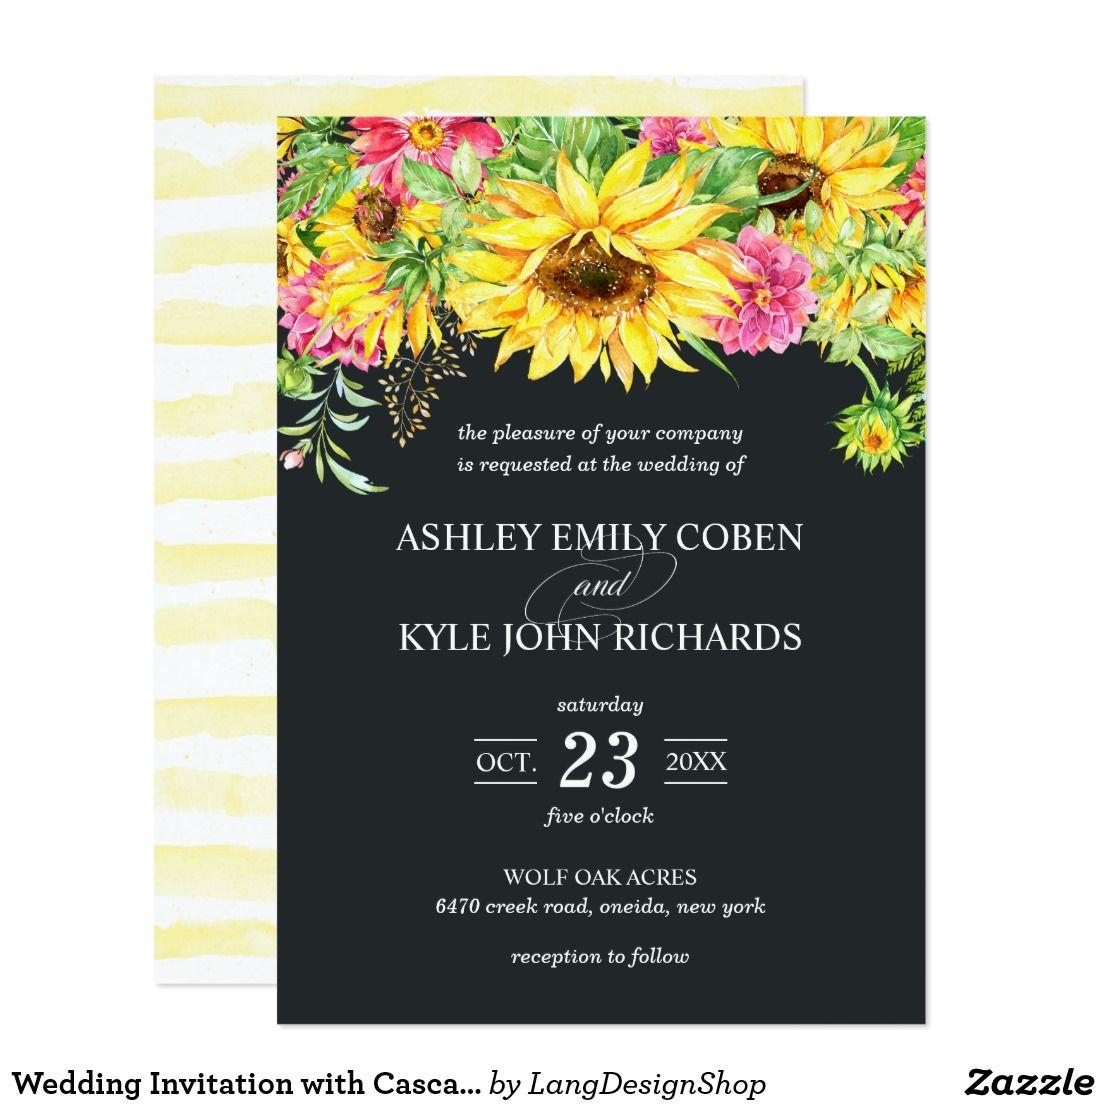 Wedding Invitation with Cascading Sunflowers - Einladungskarte Sonnenblume